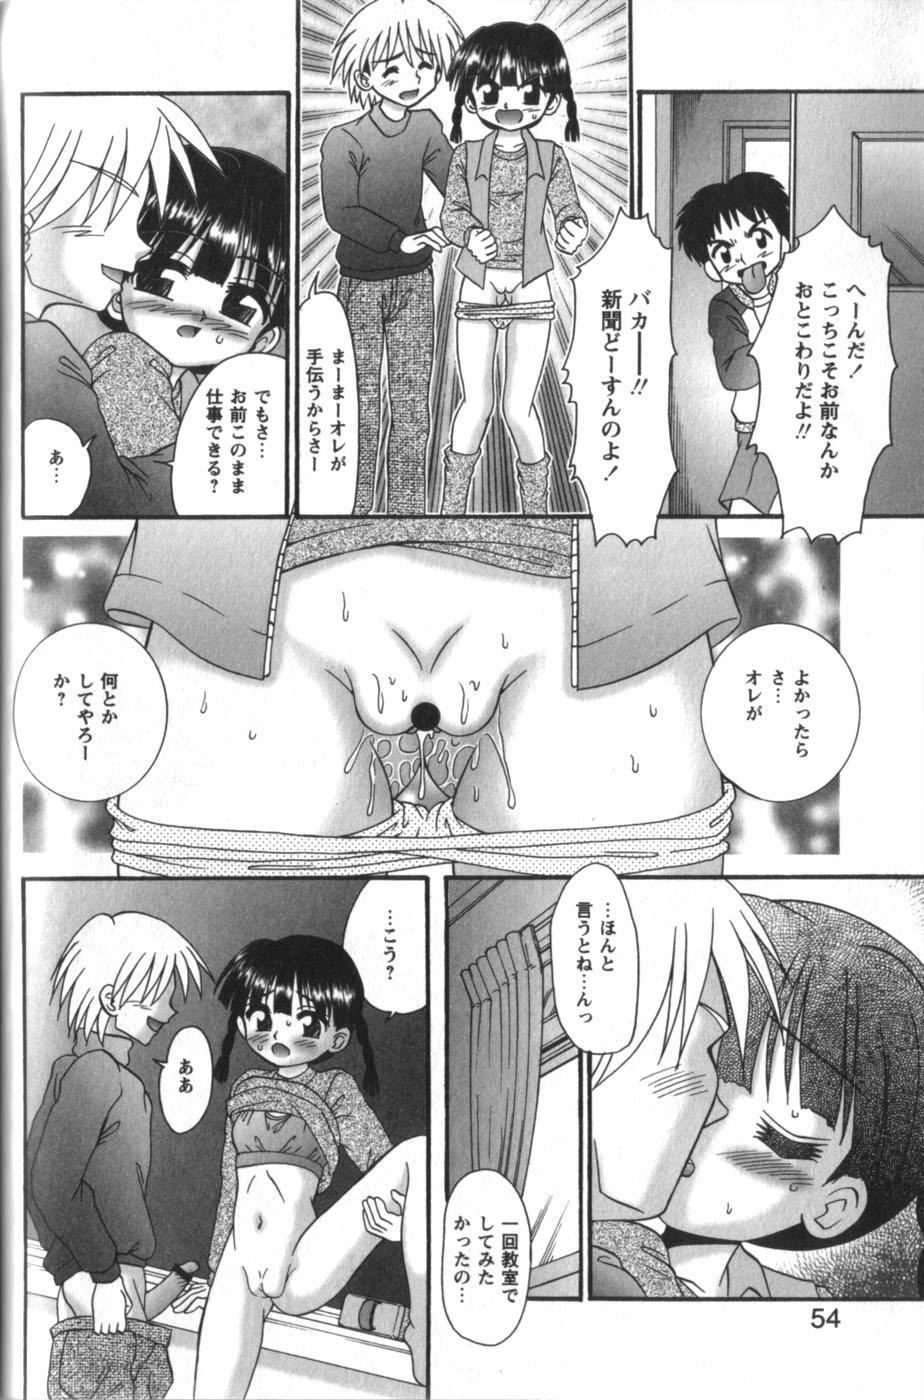 Tachiirikinshi no Ecchi Kichi 53